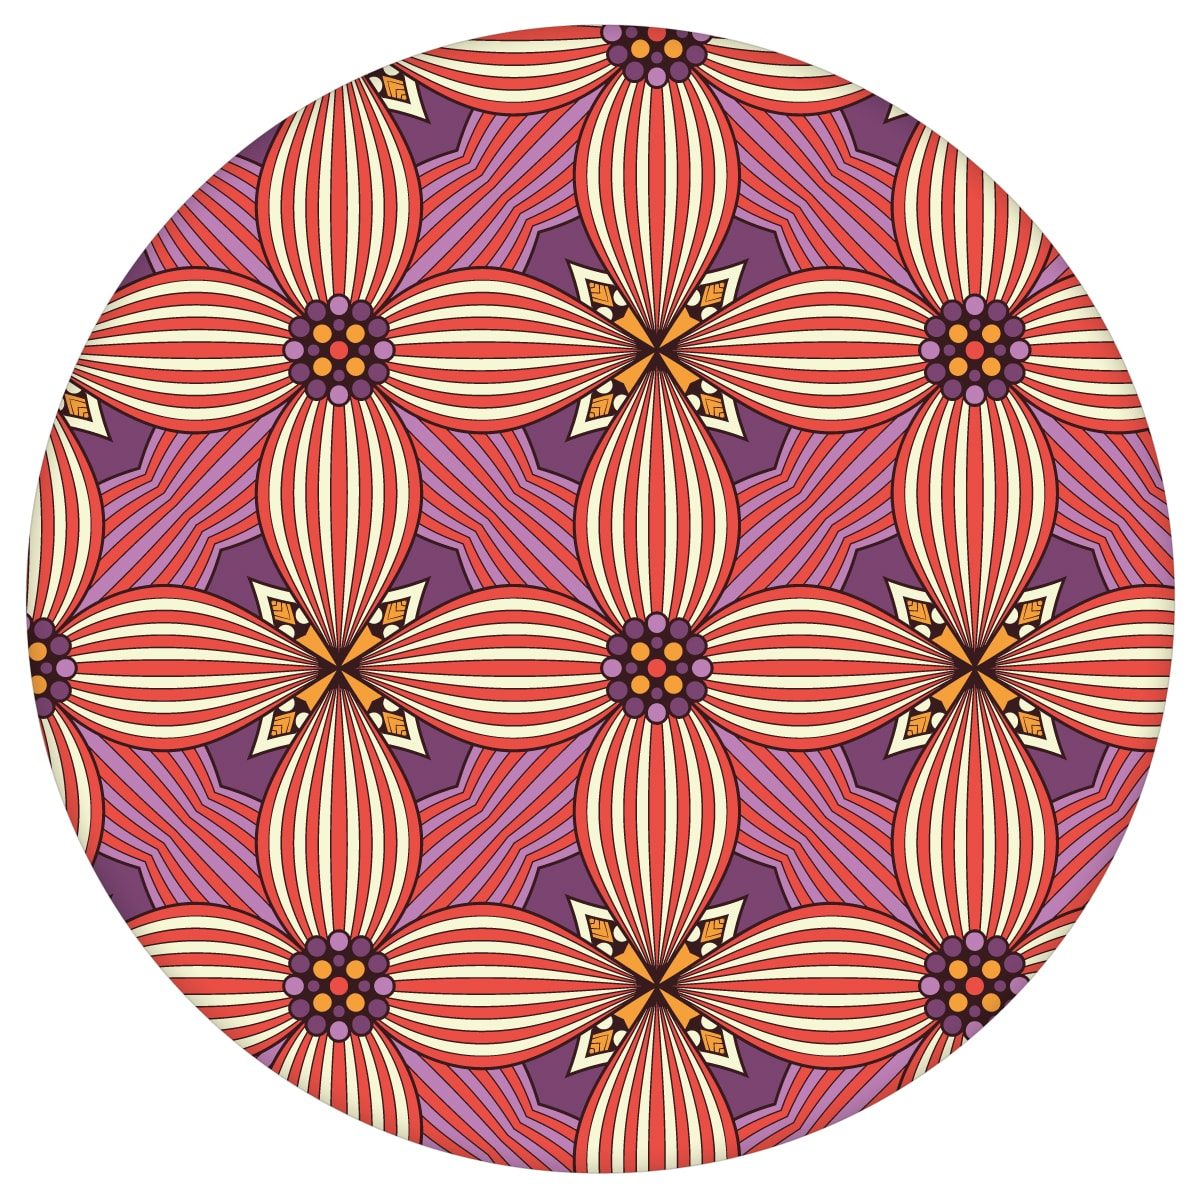 Ornamenttapete Art Deko Lilly Muster groß in violett - Design Tapete für Wohnzimmer aus den Tapeten Neuheiten Exklusive Tapete für schönes Wohnen als Naturaltouch Luxus Vliestapete oder Basic Vliestapete